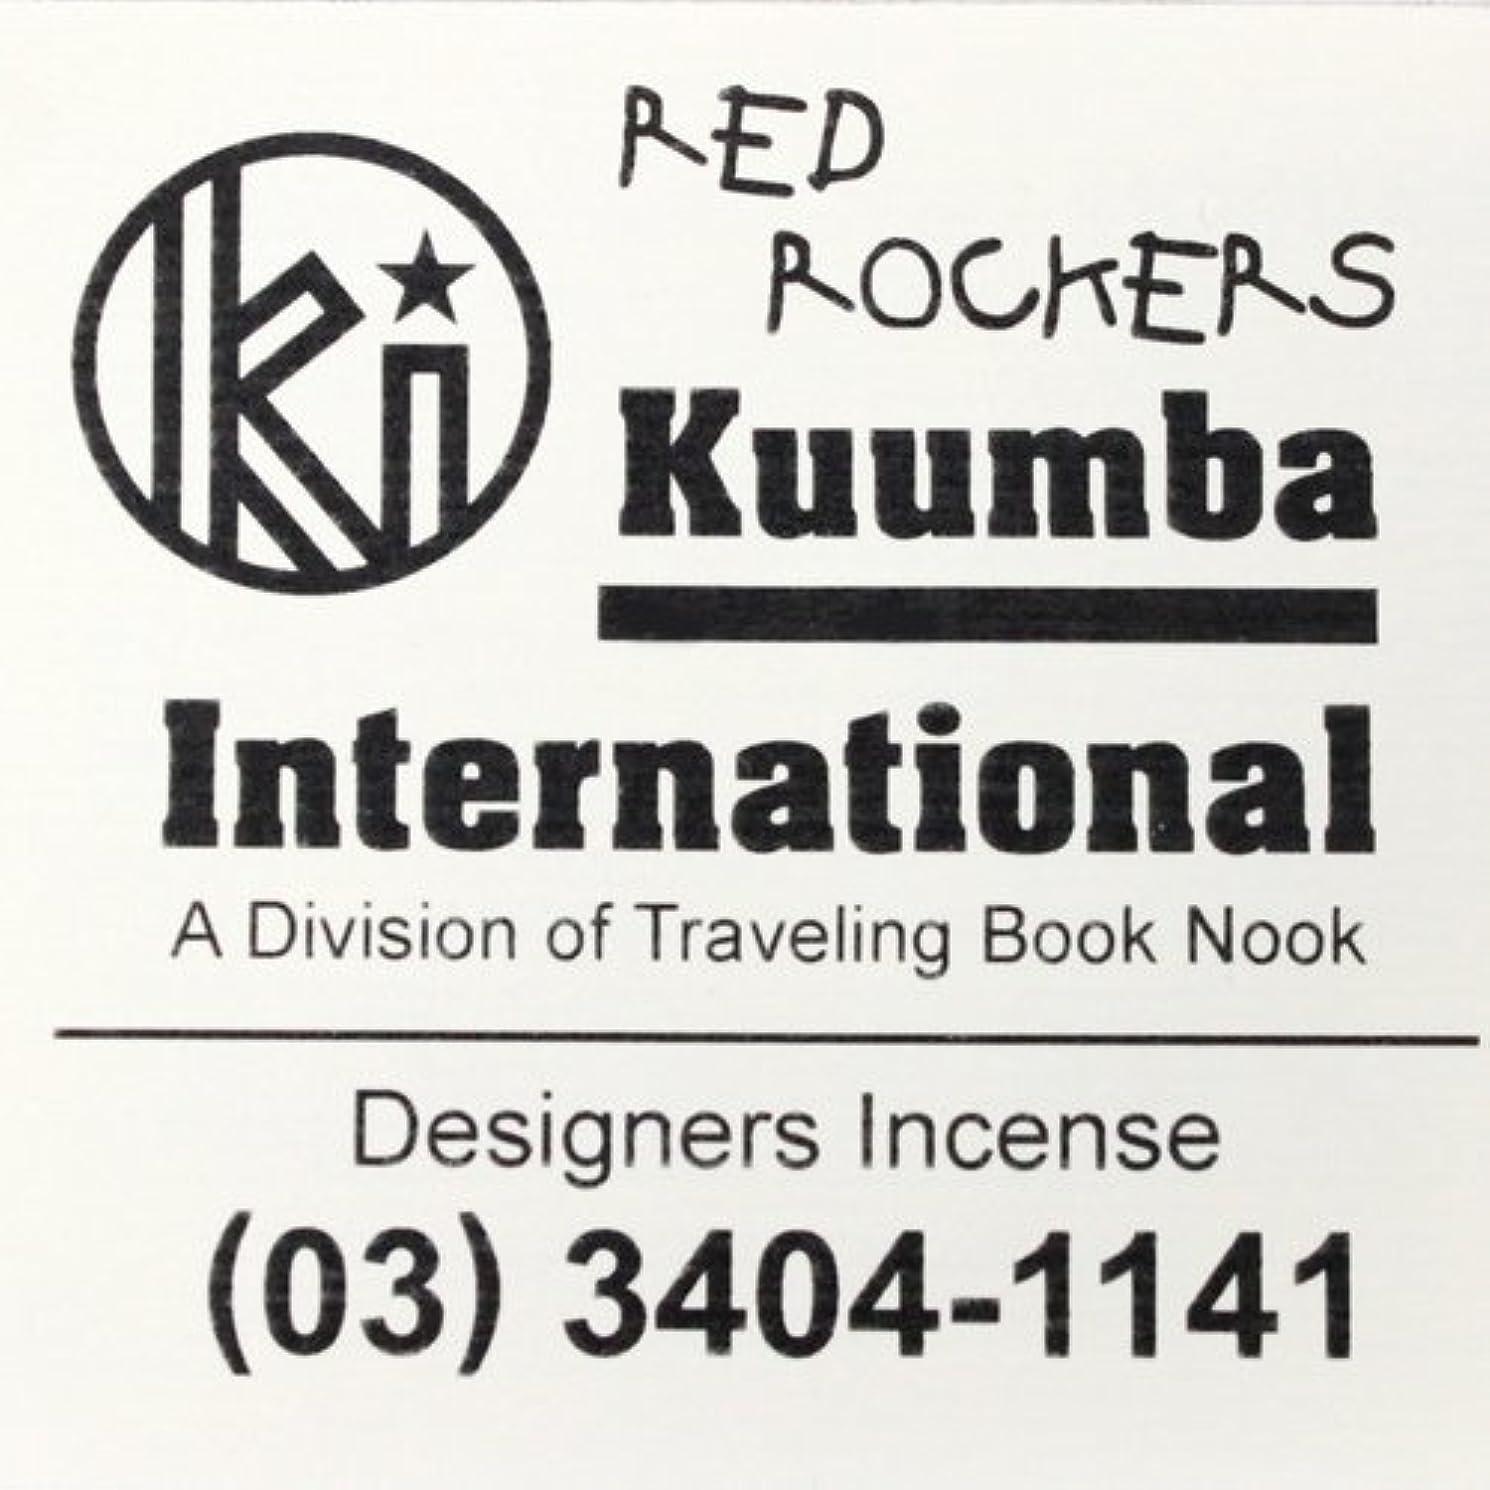 足コーンウォール請求書Kuumba(クンバ)『incense』(RED ROCKERS) (Regular size)